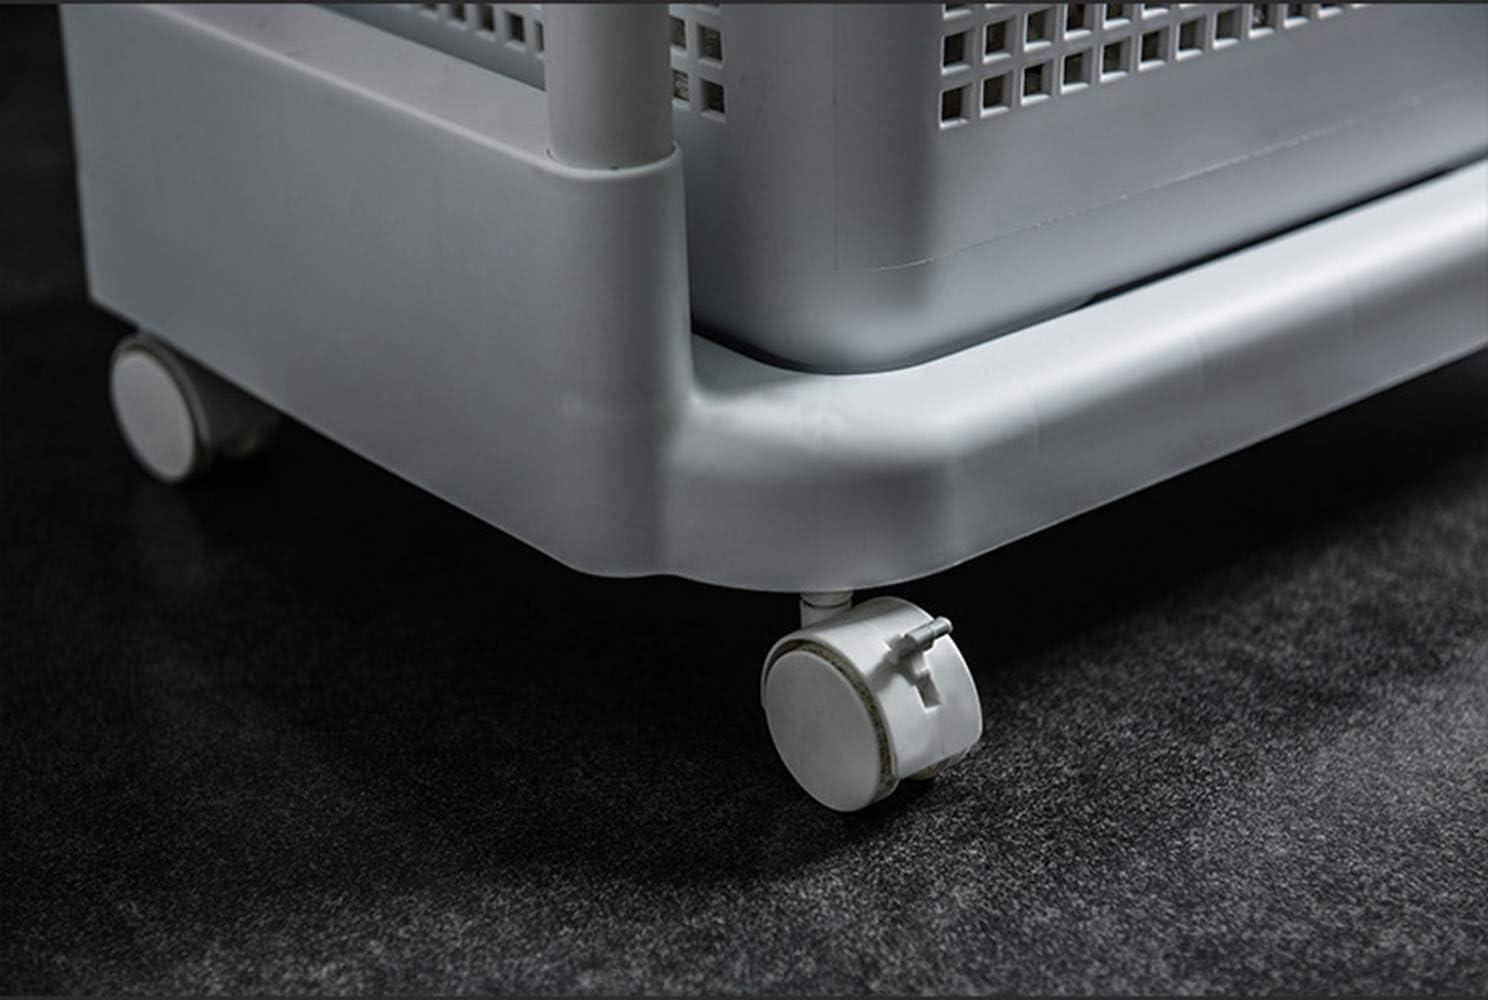 Nordic Accueil Panier /à Linge Multifonctionnel Mobile /étag/ère de Rangement,3 Tier Porte-Bagages /à roulettes Stockage Permanent ZQH Salle de Bains Rangement Panier